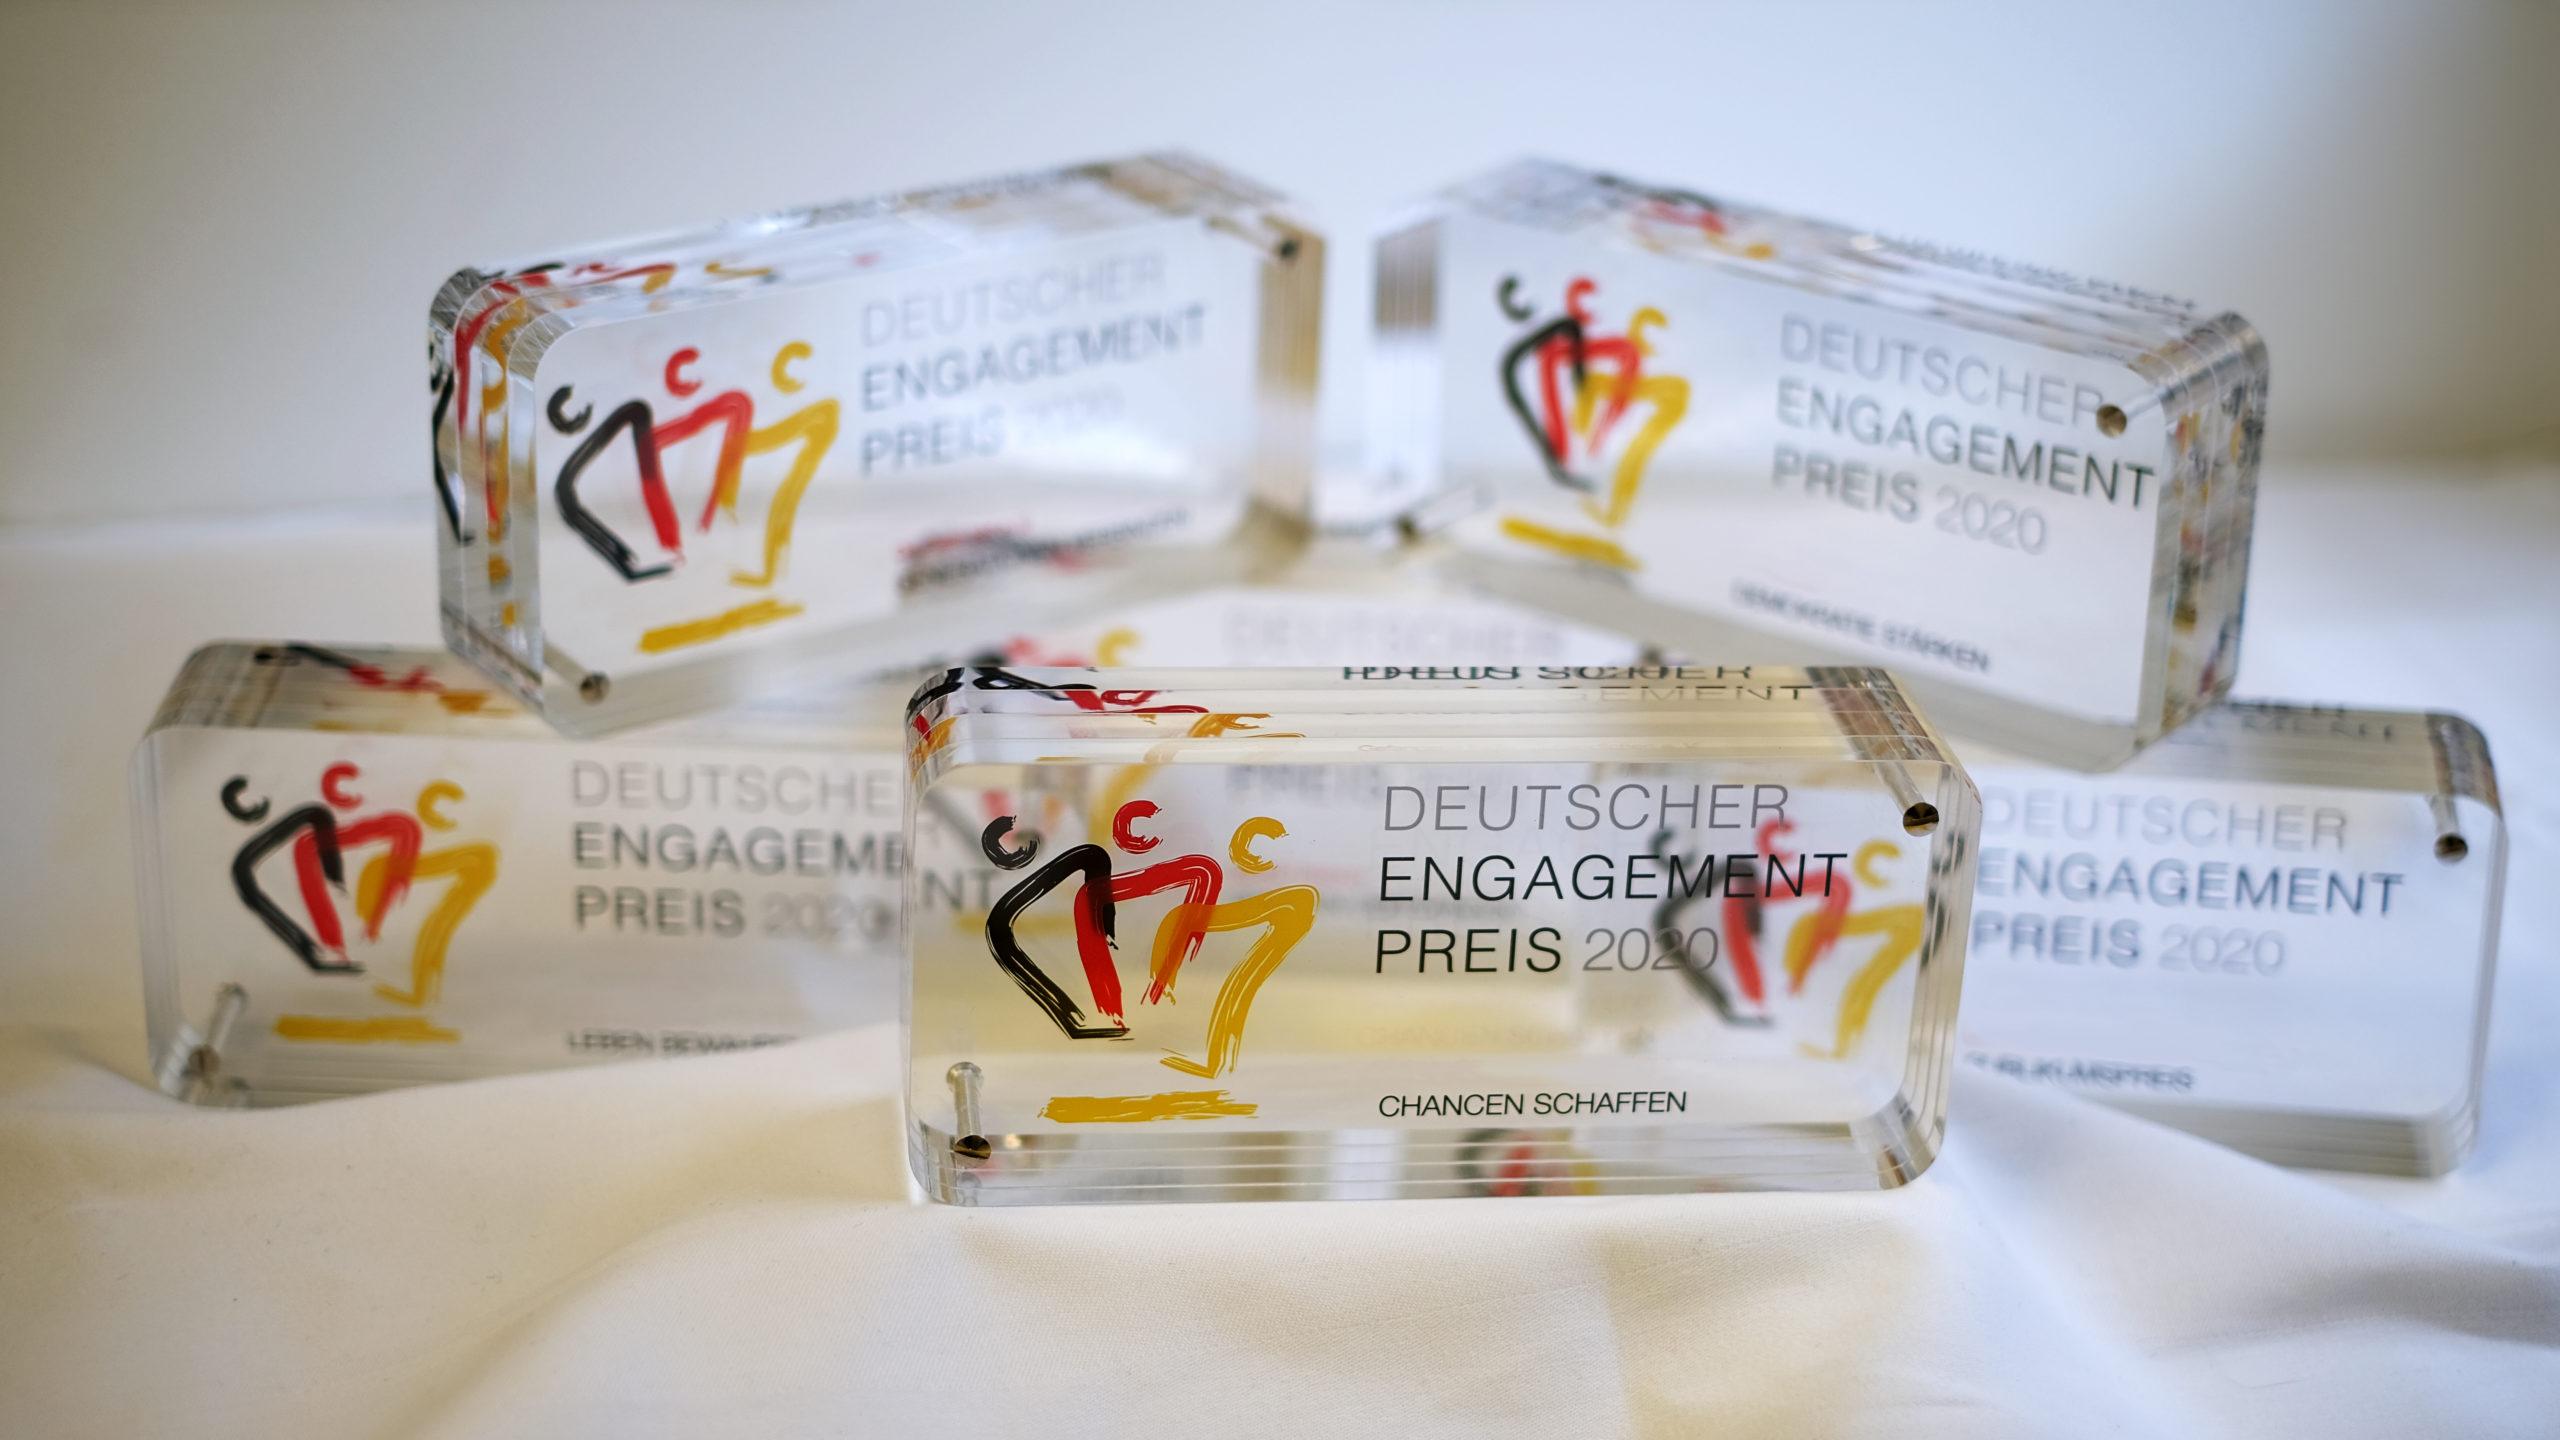 Der Deutsche Engagementpreis ist der Dachpreis für bürgerschaftliches Engagement in Deutschland